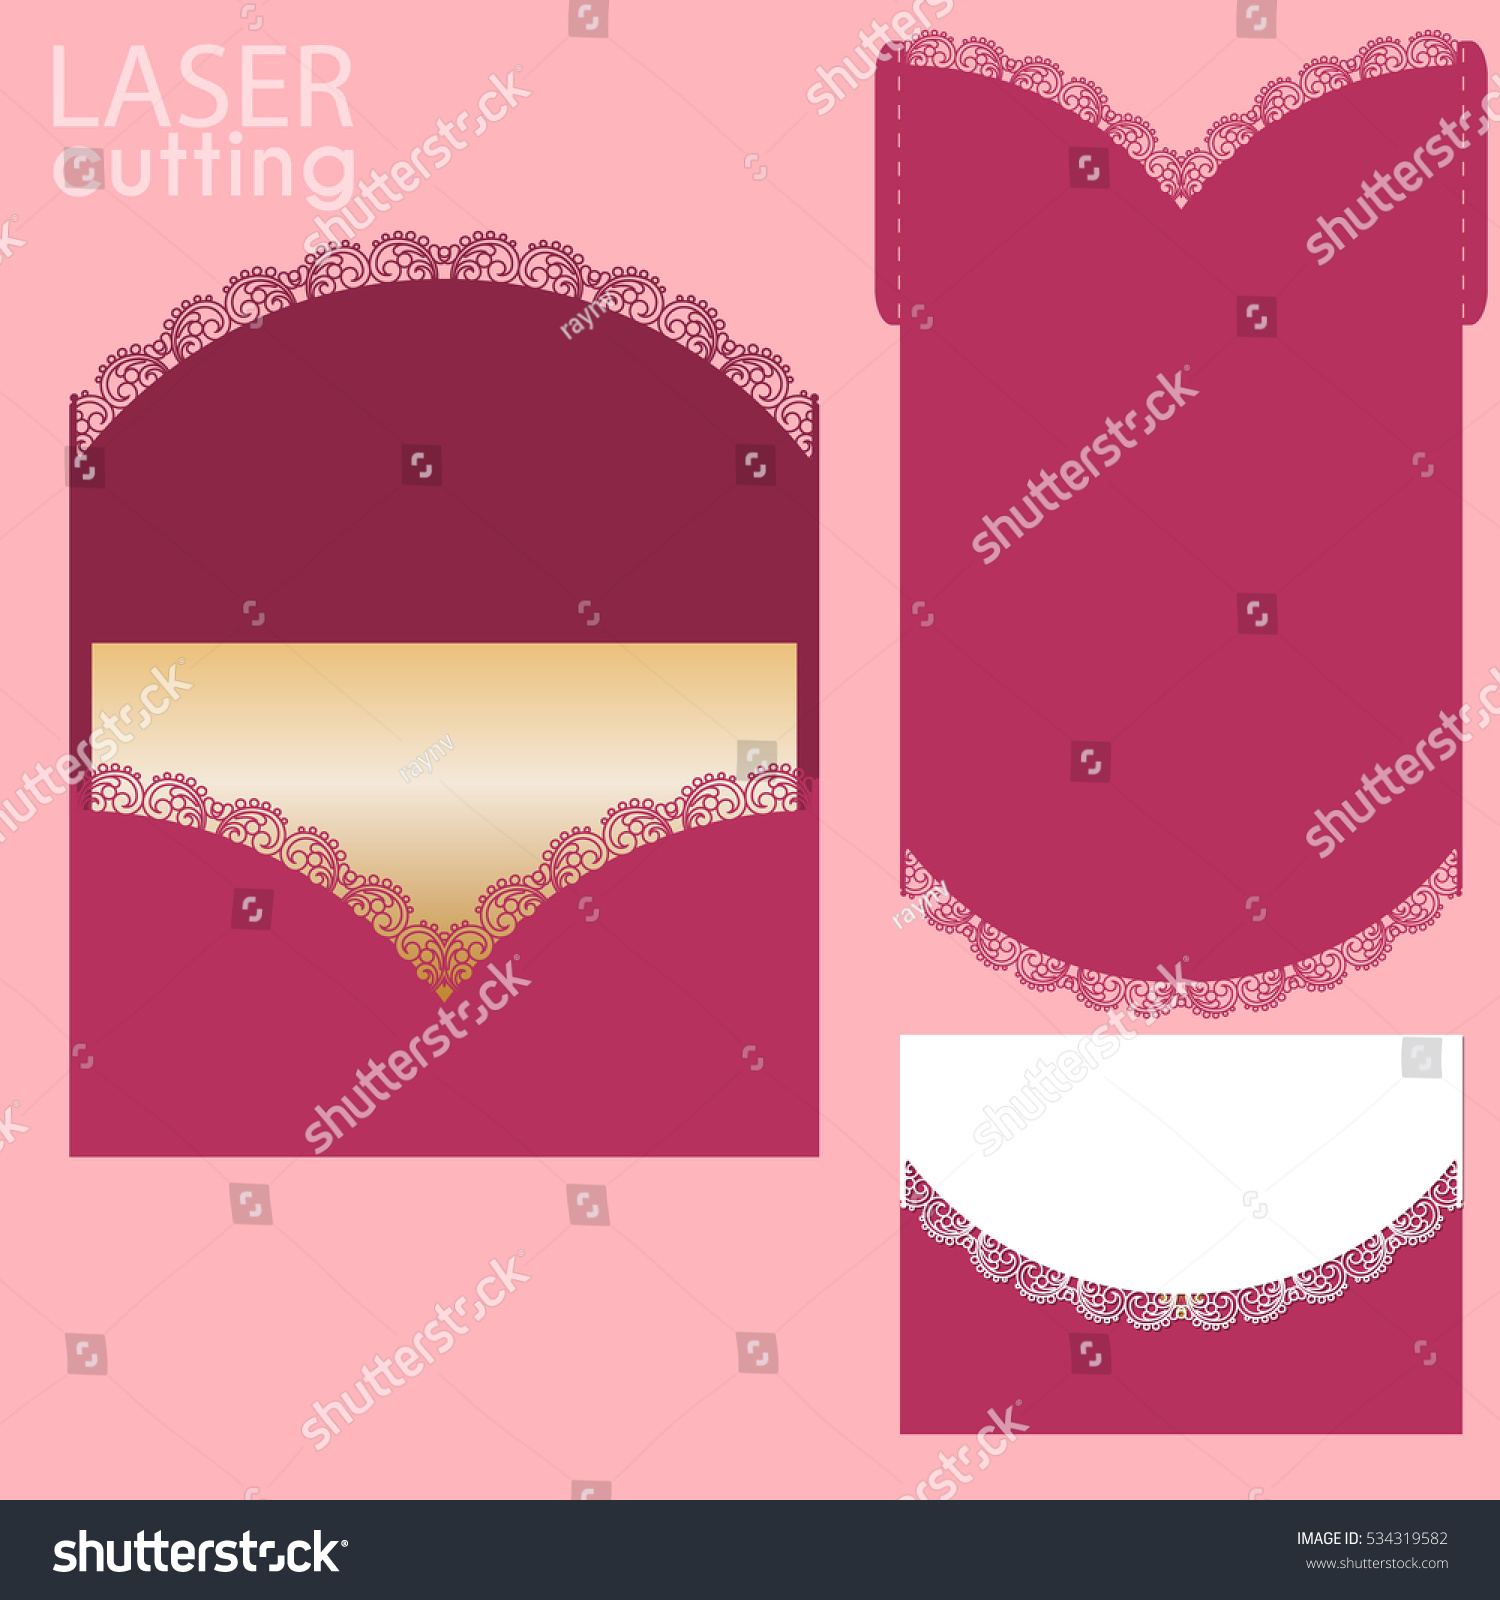 Vector Die Laser Cut Envelope Template Stock Vector (Royalty Free ...